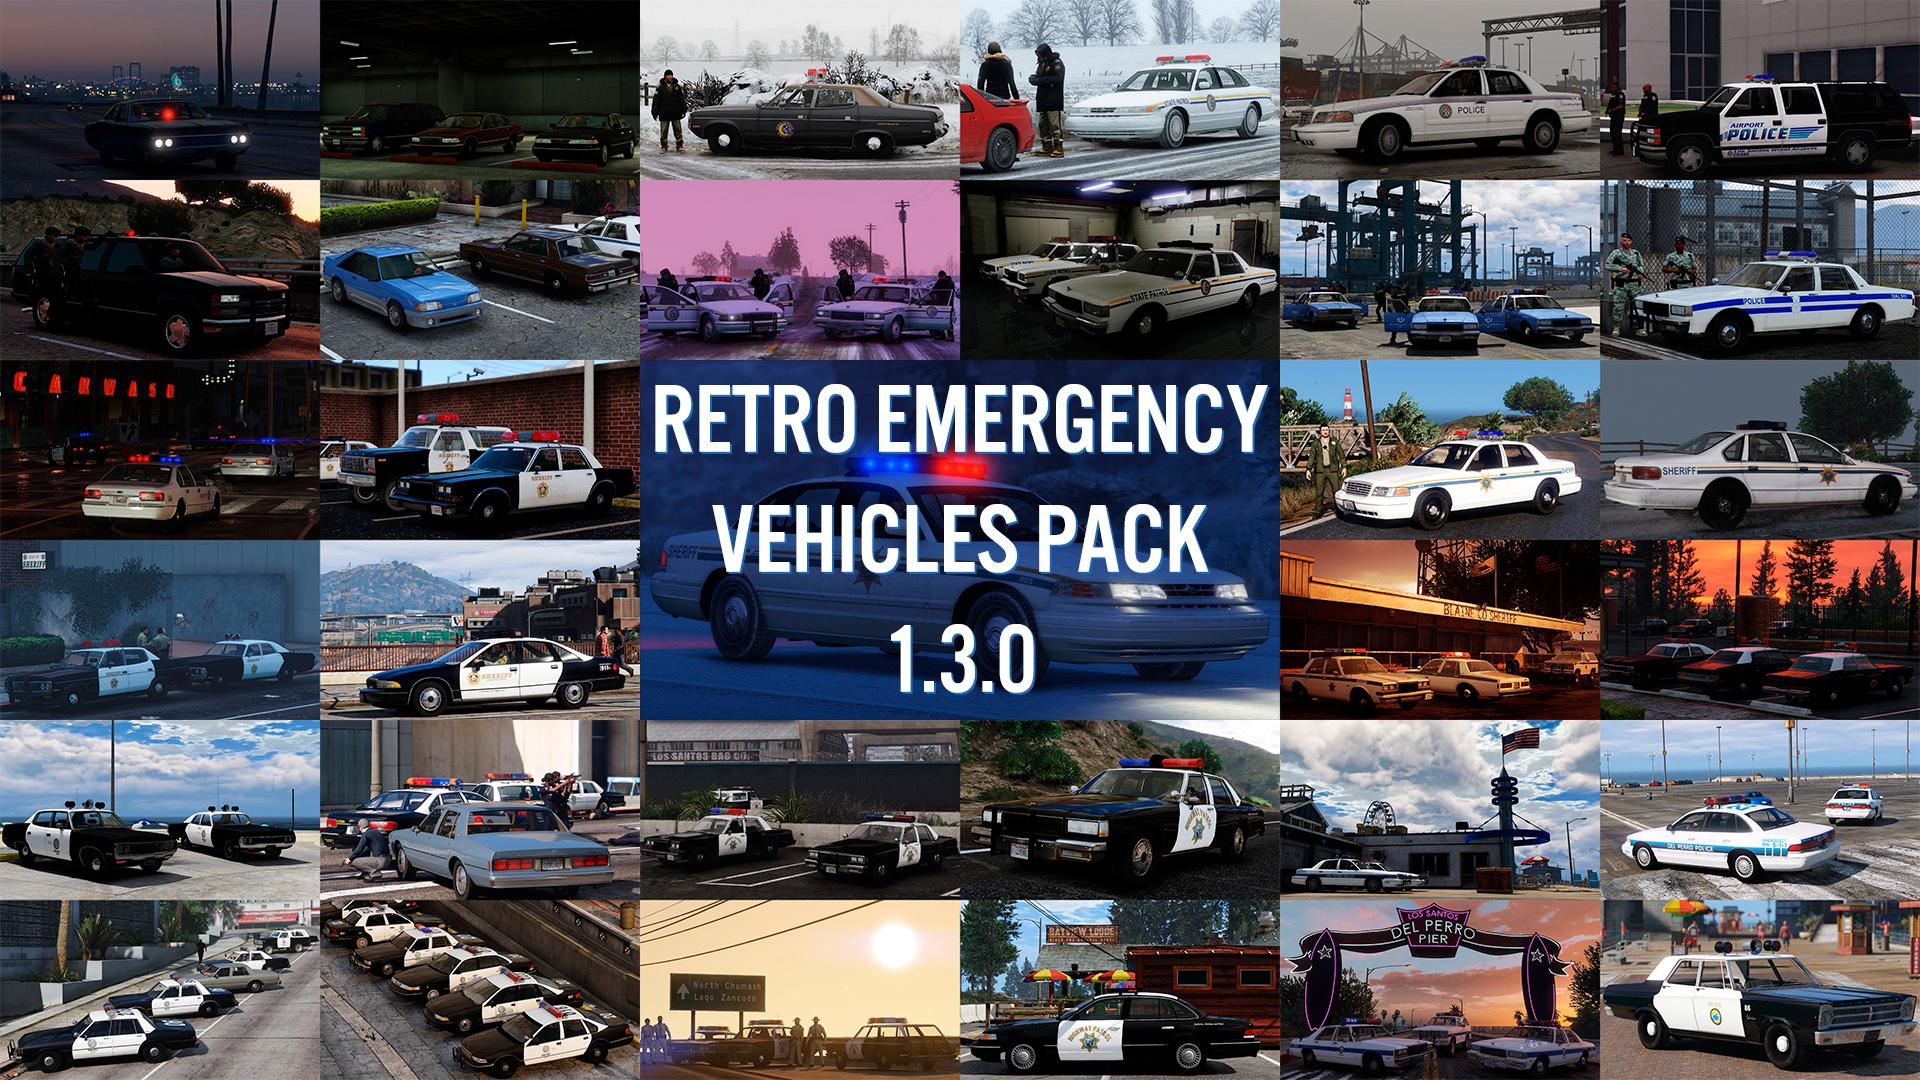 Retro Emergency Vehicles Pack - GTA5-Mods com